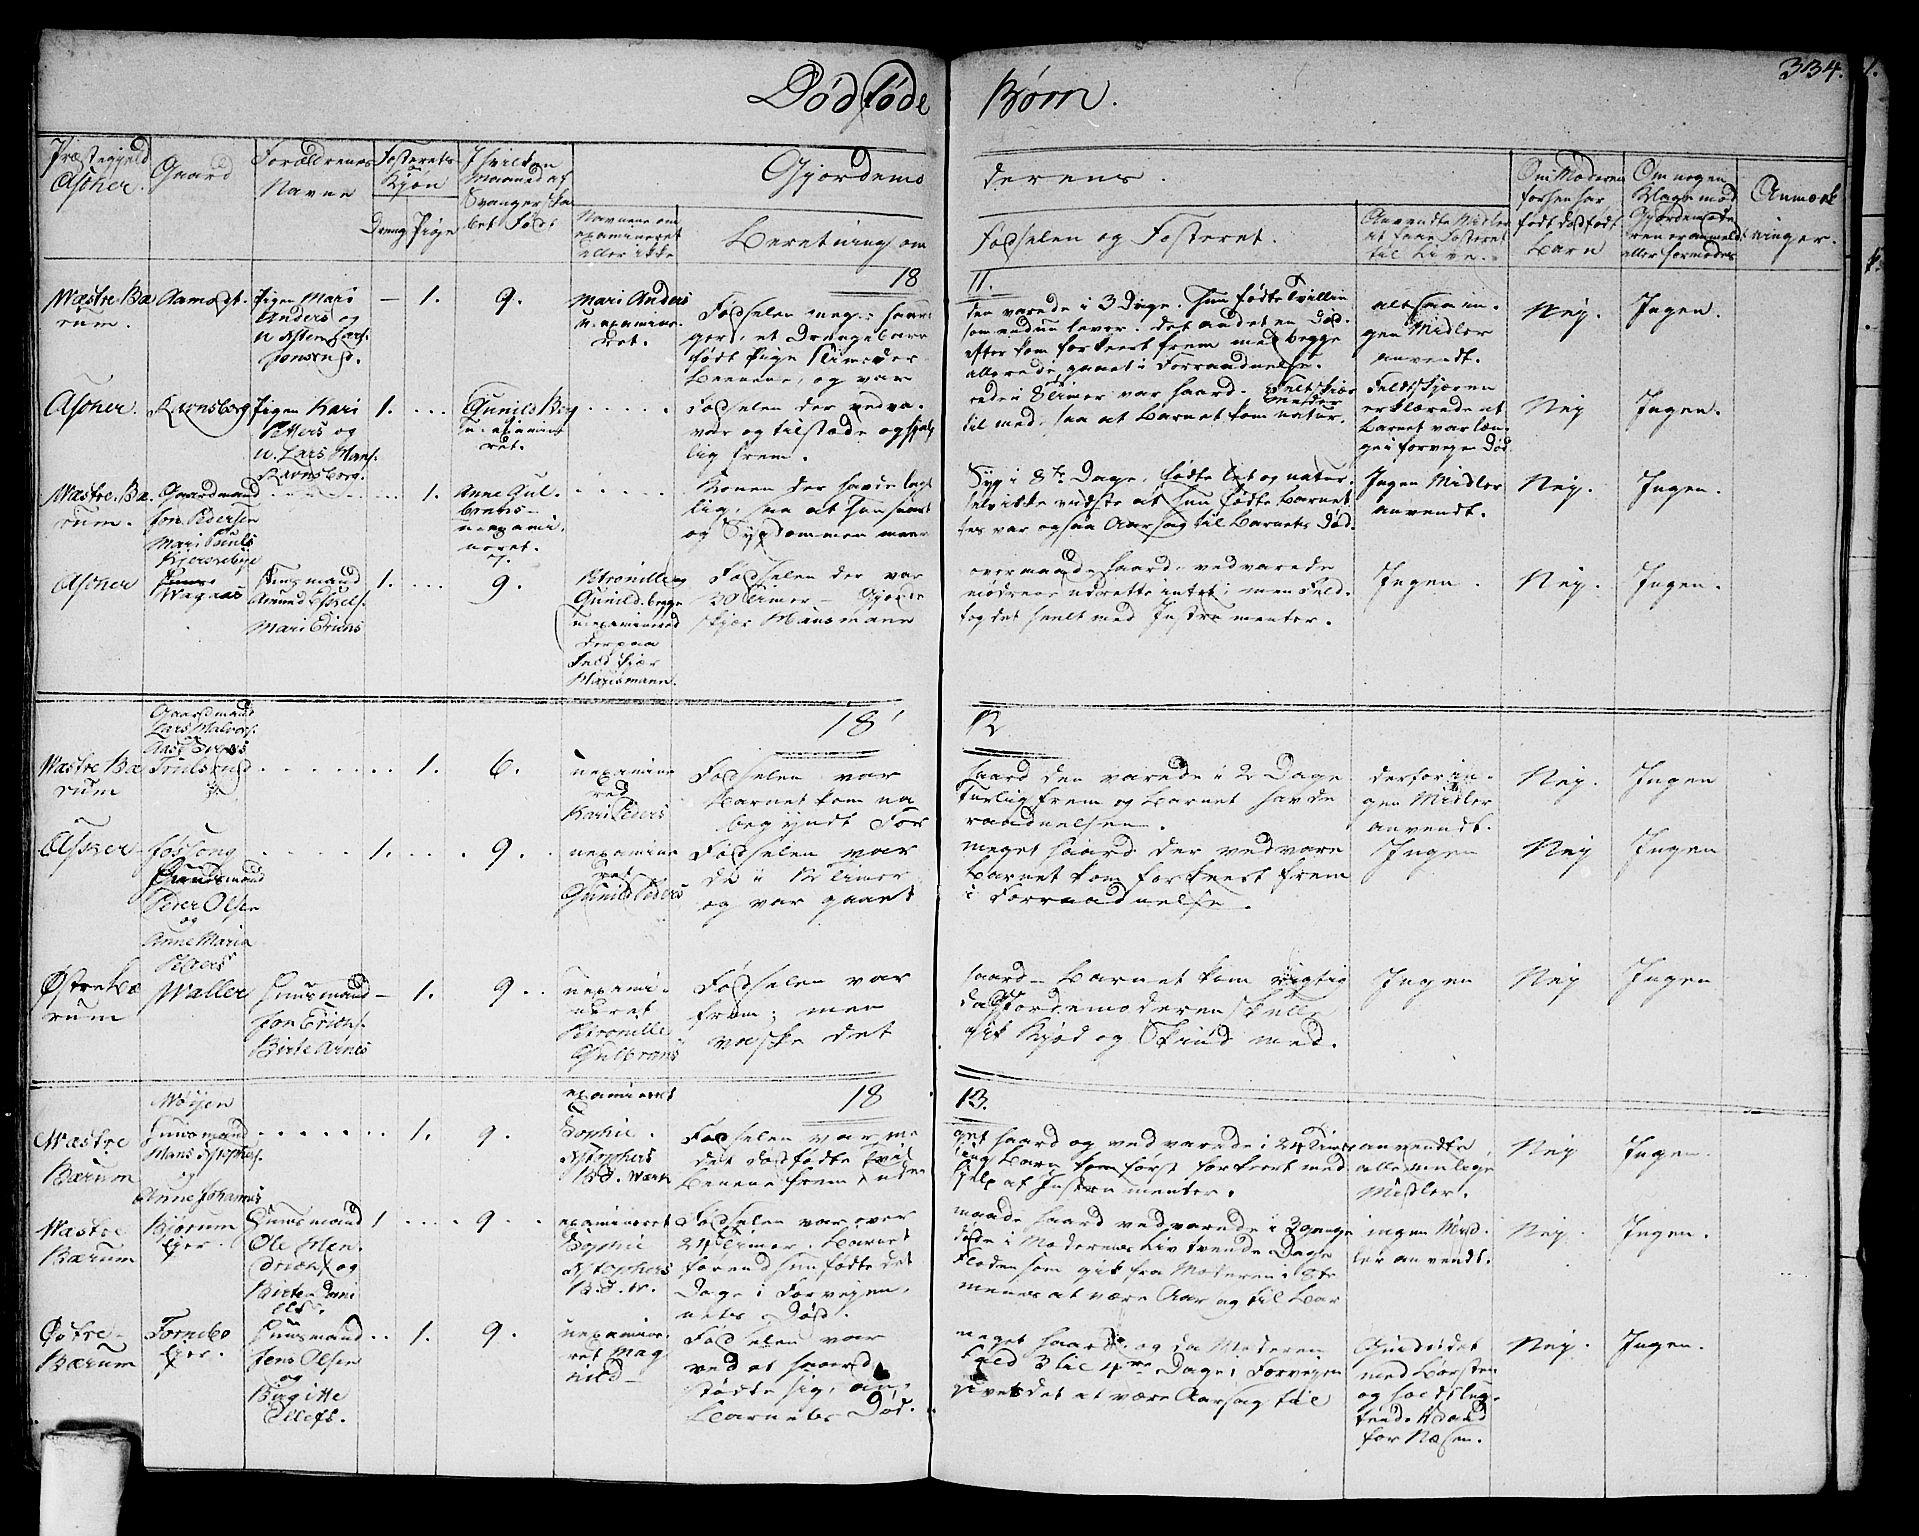 SAO, Asker prestekontor Kirkebøker, F/Fa/L0005: Ministerialbok nr. I 5, 1807-1813, s. 334